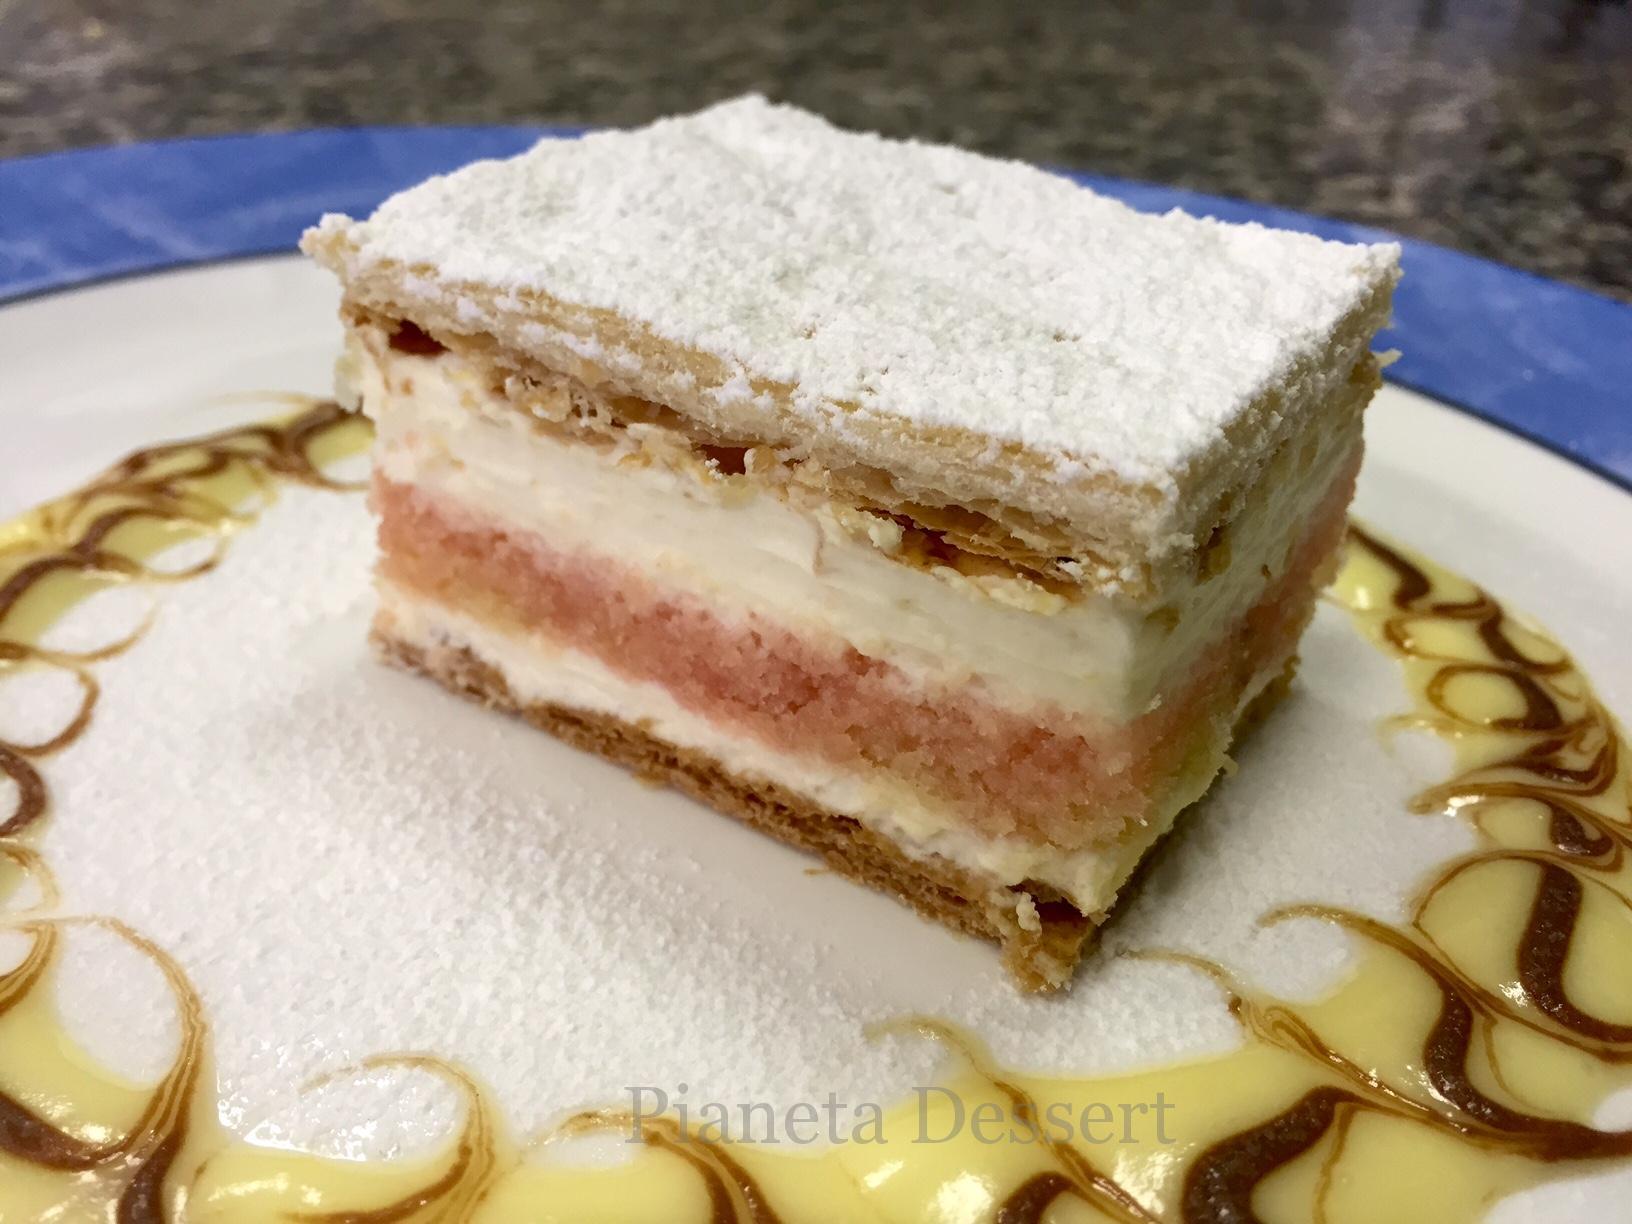 Quanto zucchero va nella bagna pianeta dessert